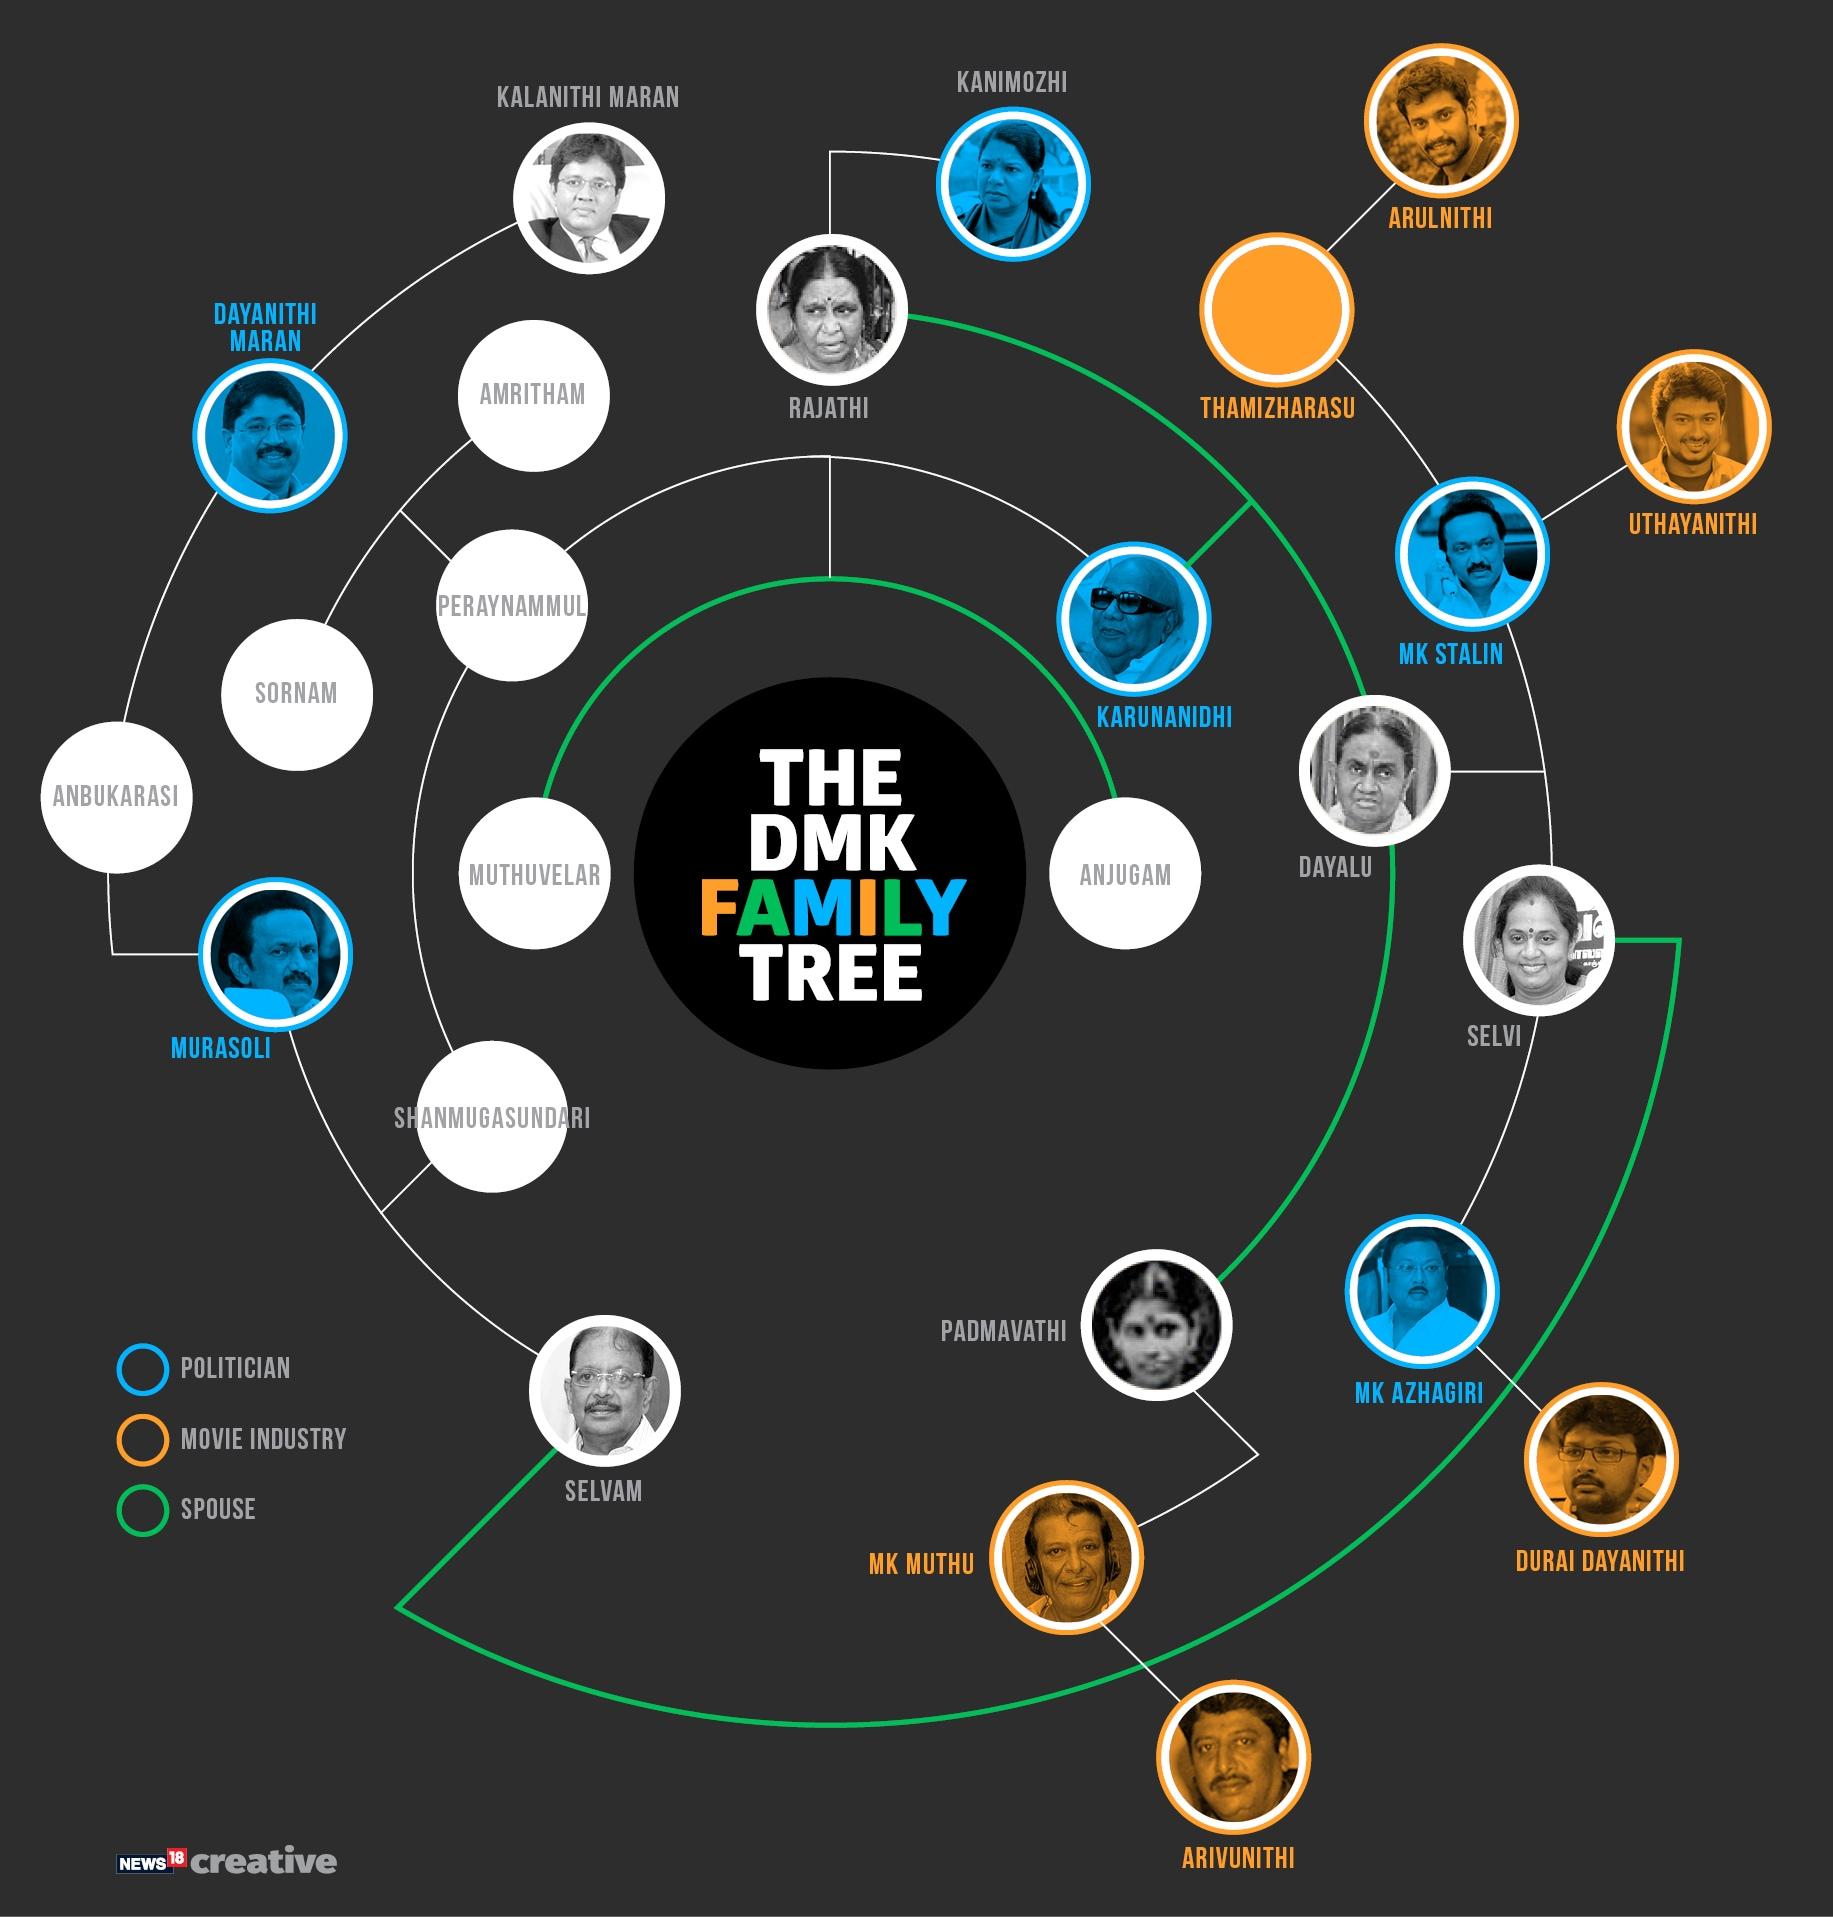 The DMK Family Tree